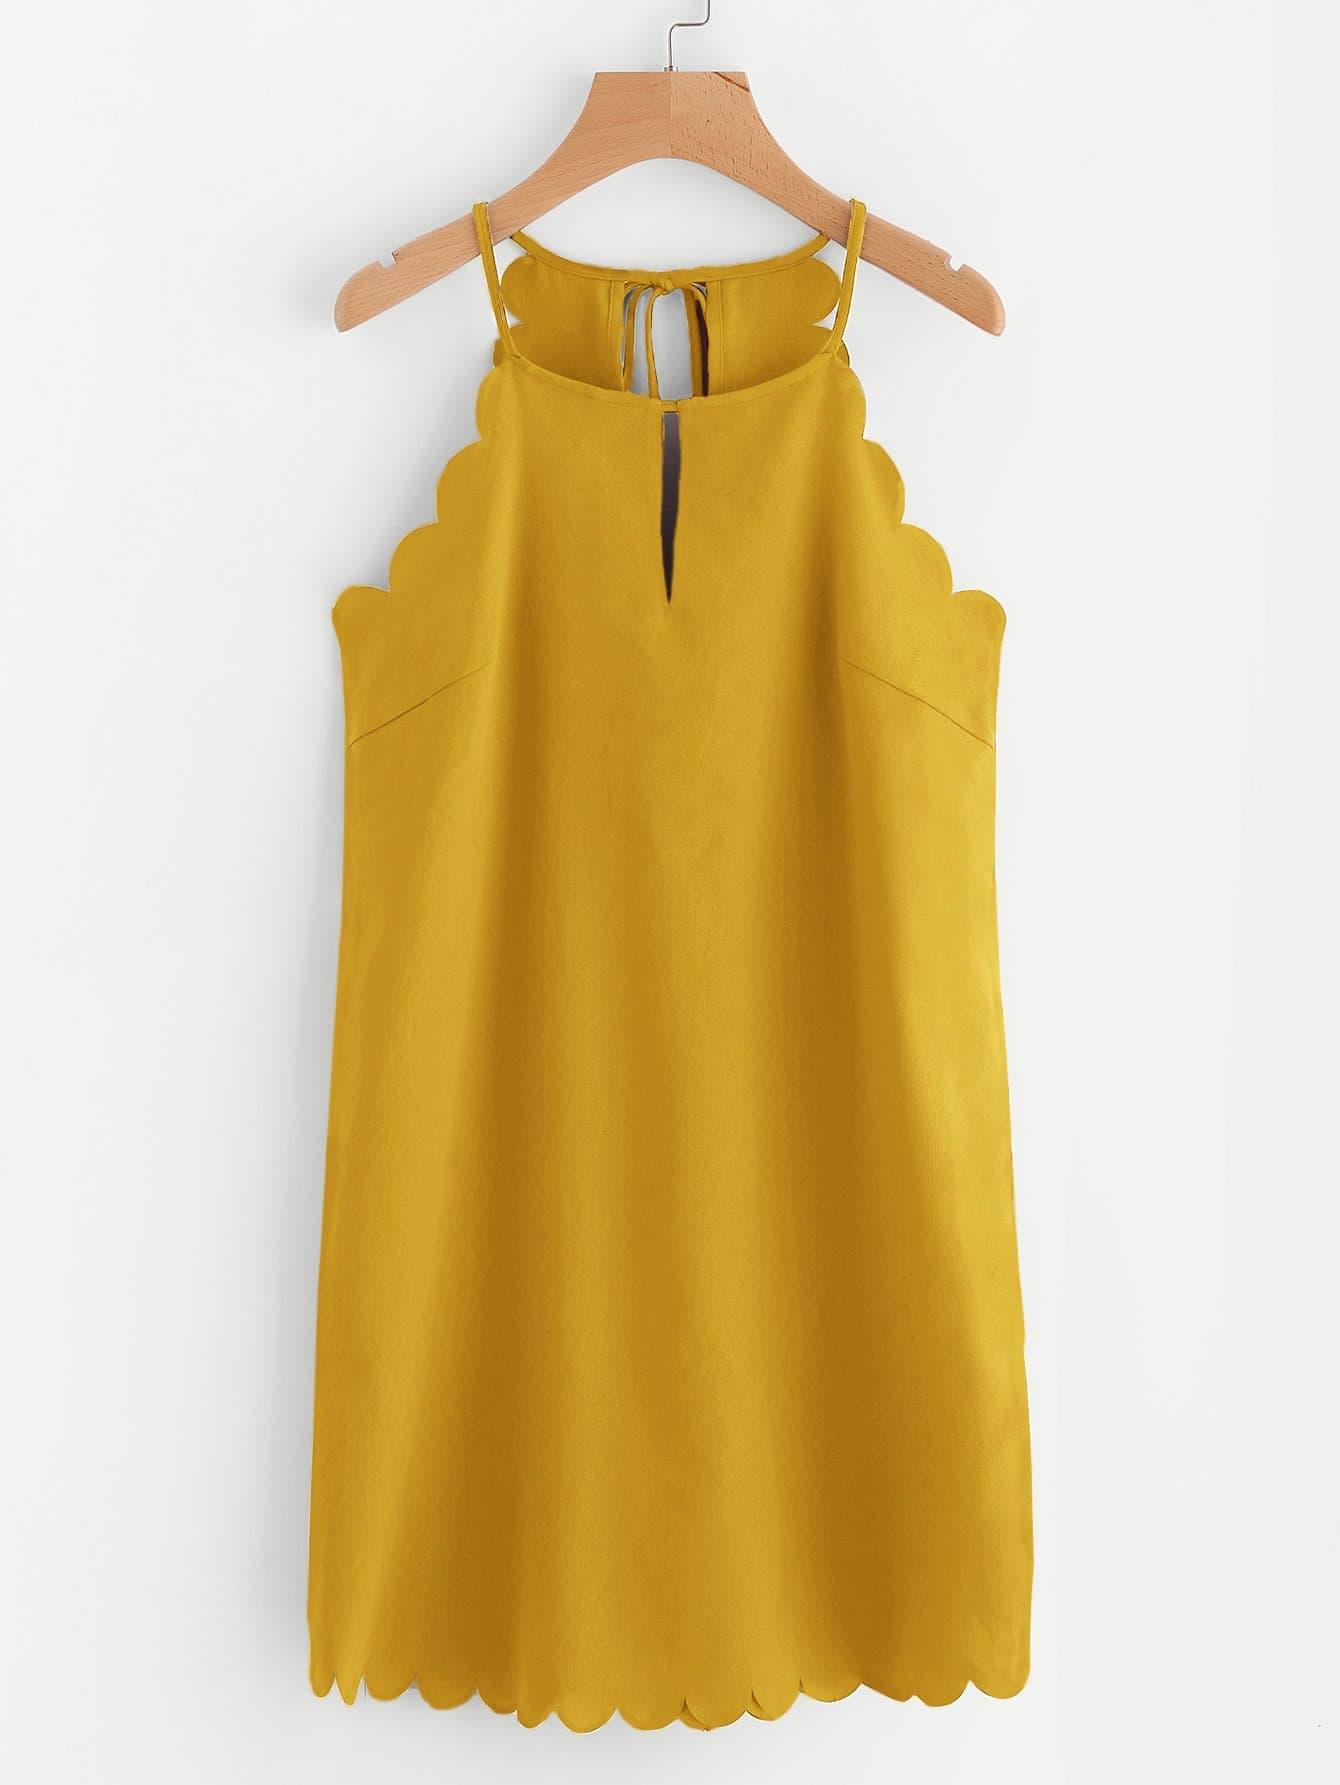 Купить Платье без рукавов с веерообразной отделкой, null, SheIn